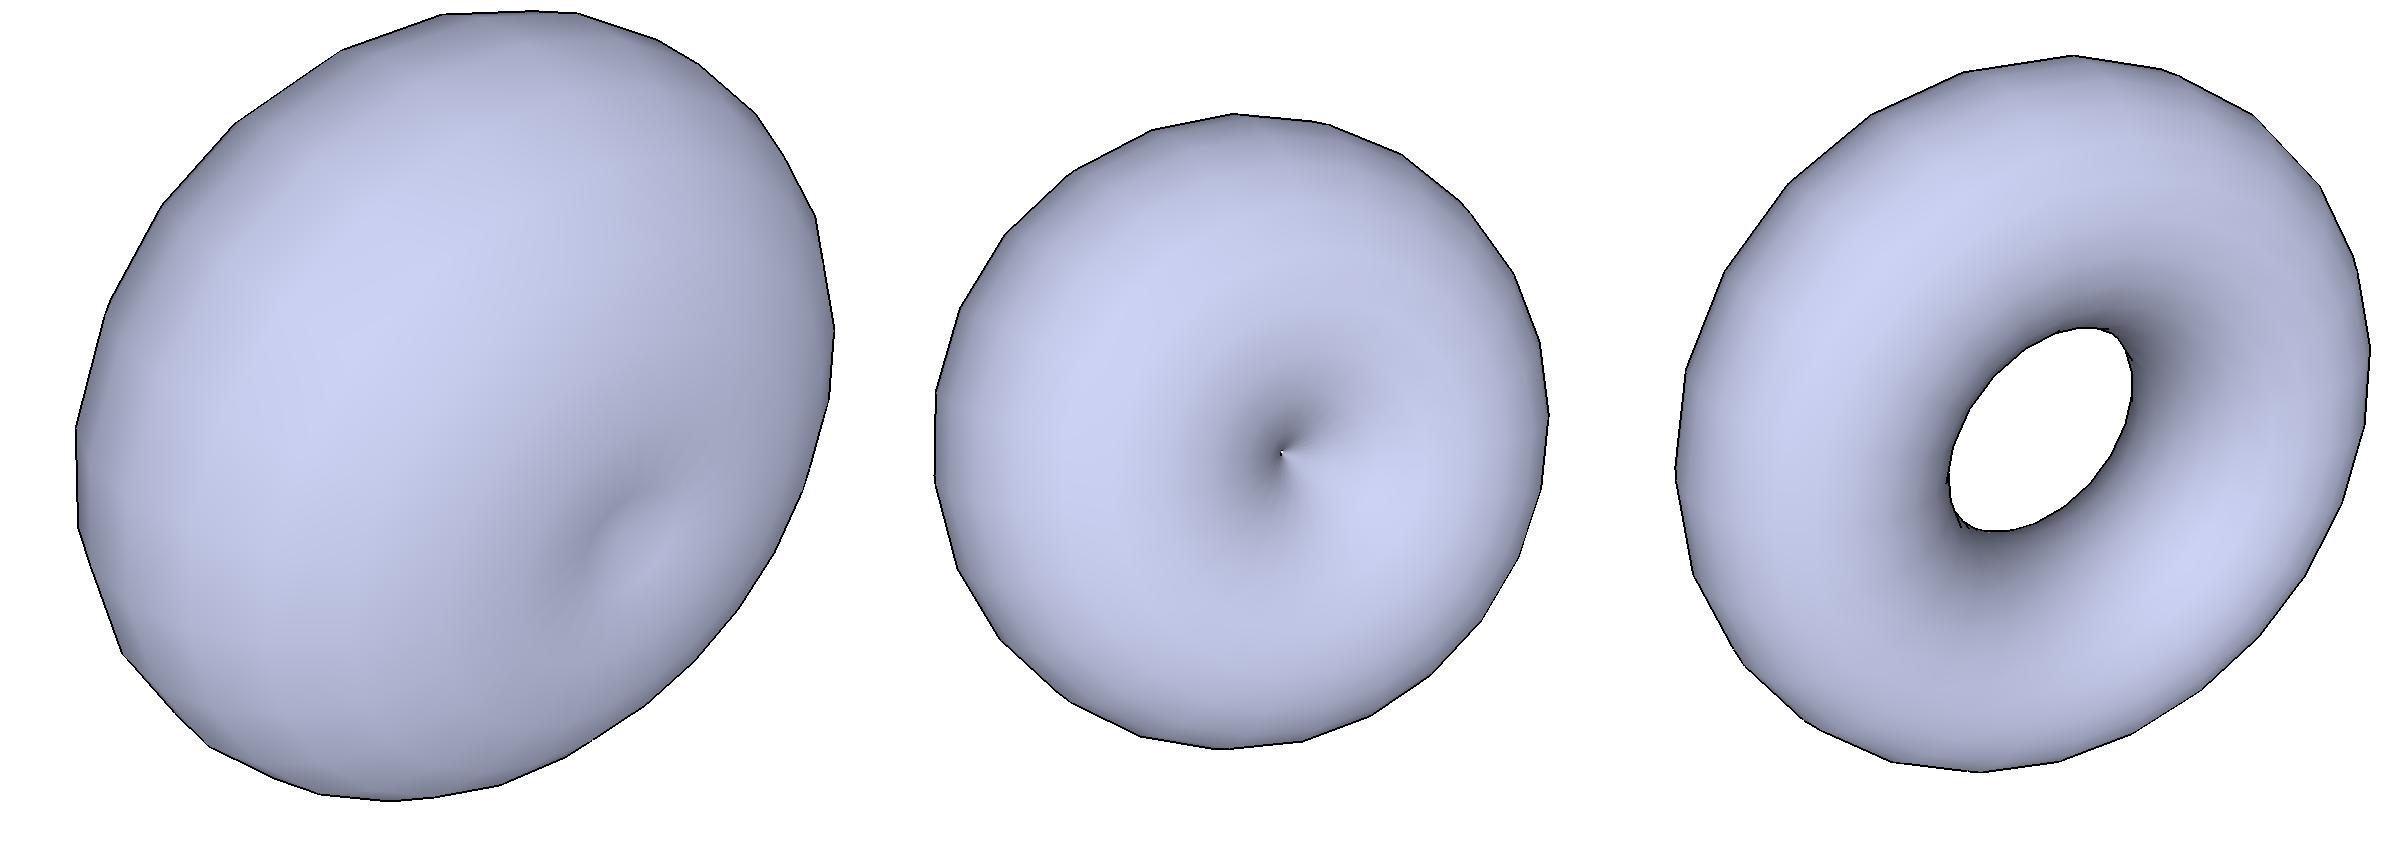 тороидальная фигура